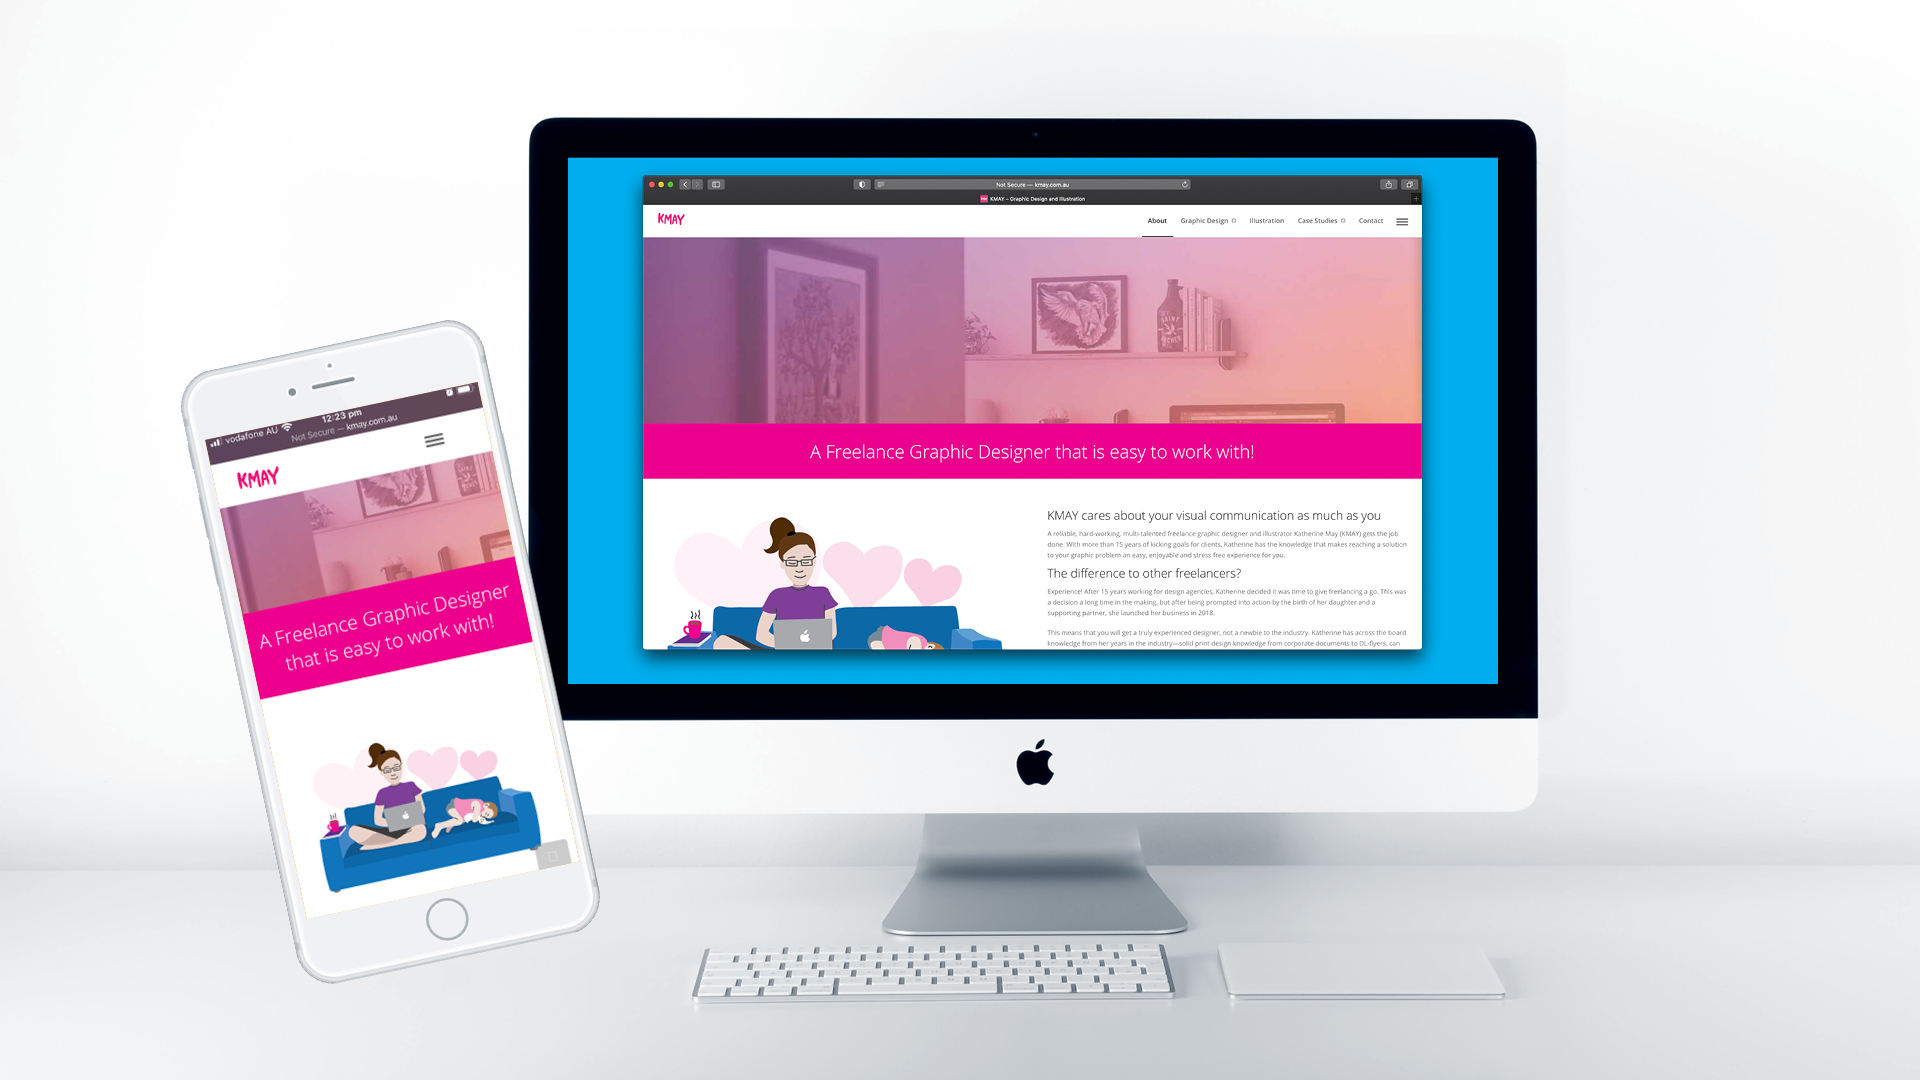 KMAY website